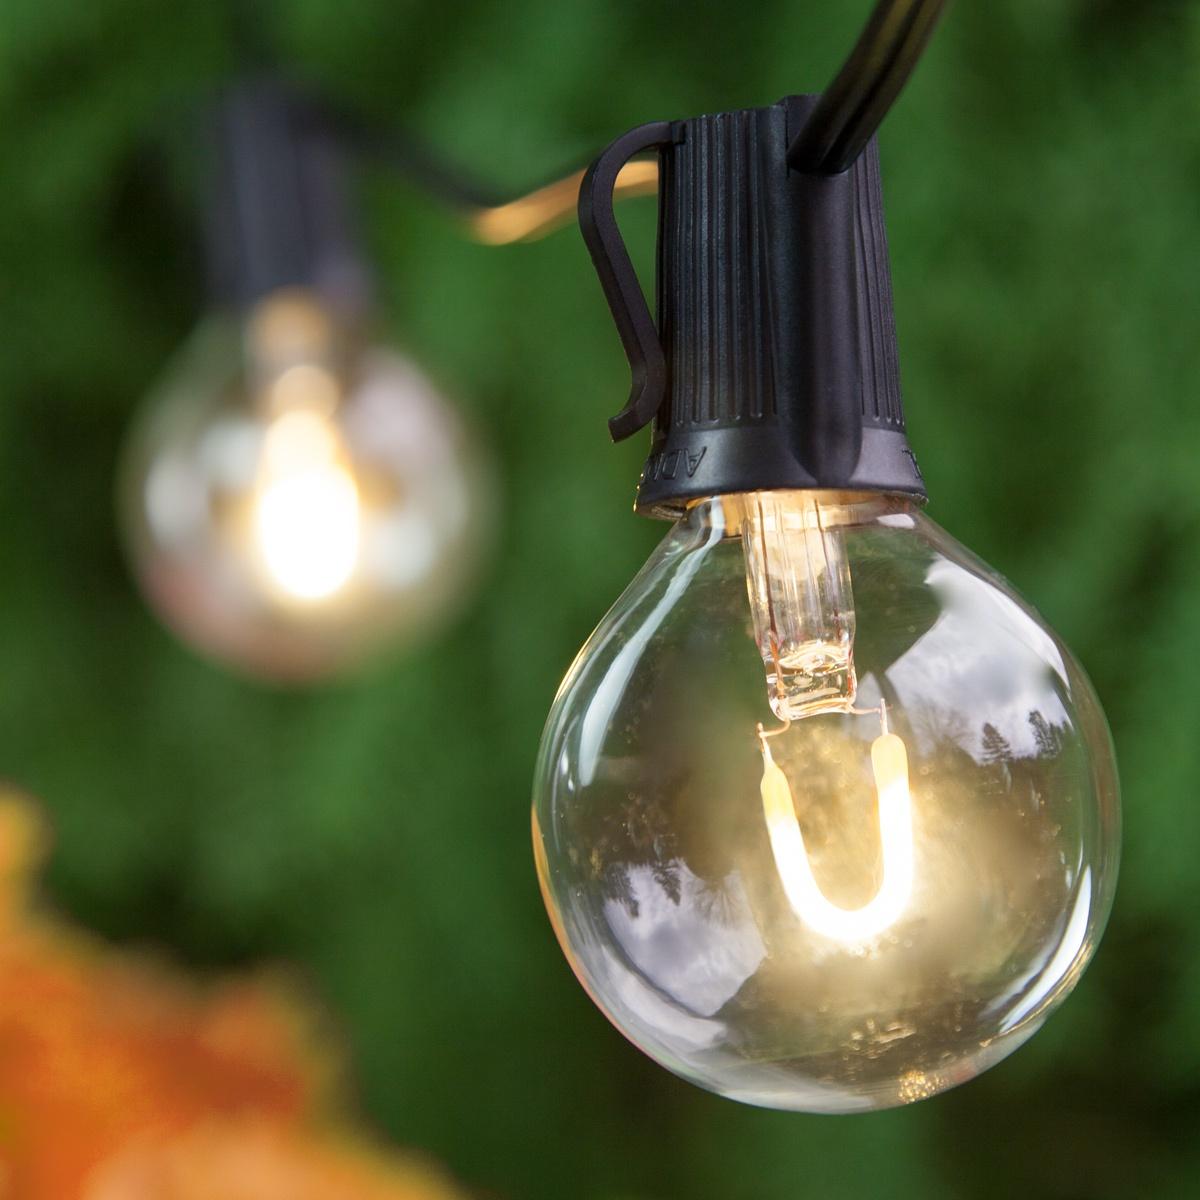 Patio Lights - Warm White LED Lights, 25 G50 E12 Bulbs ...